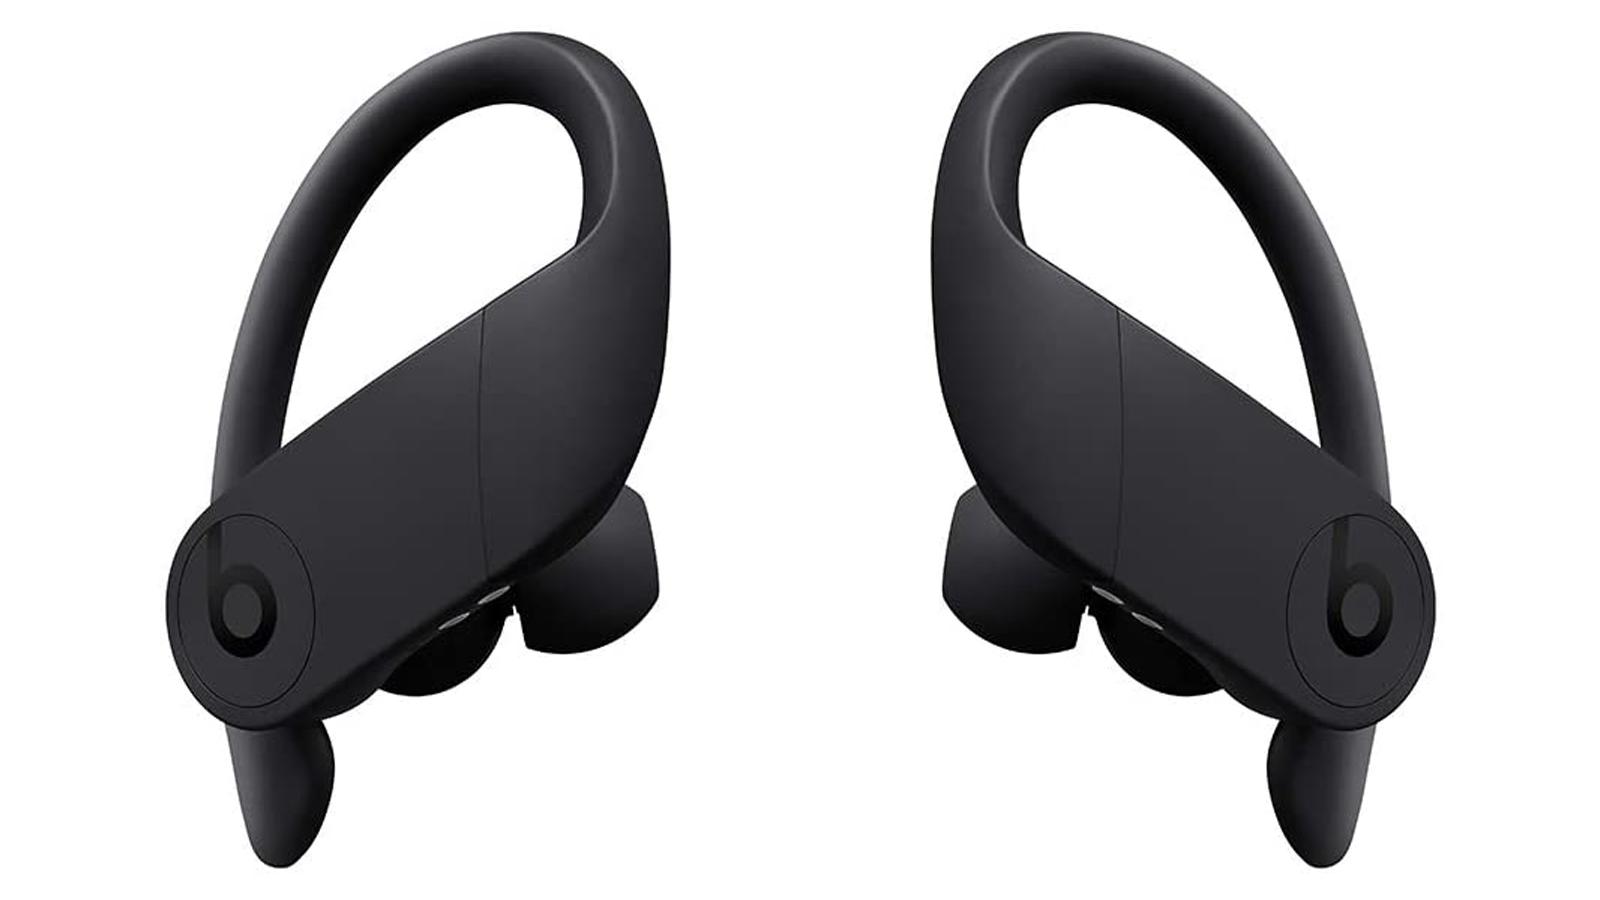 PowerBeats Pro earbuds in black